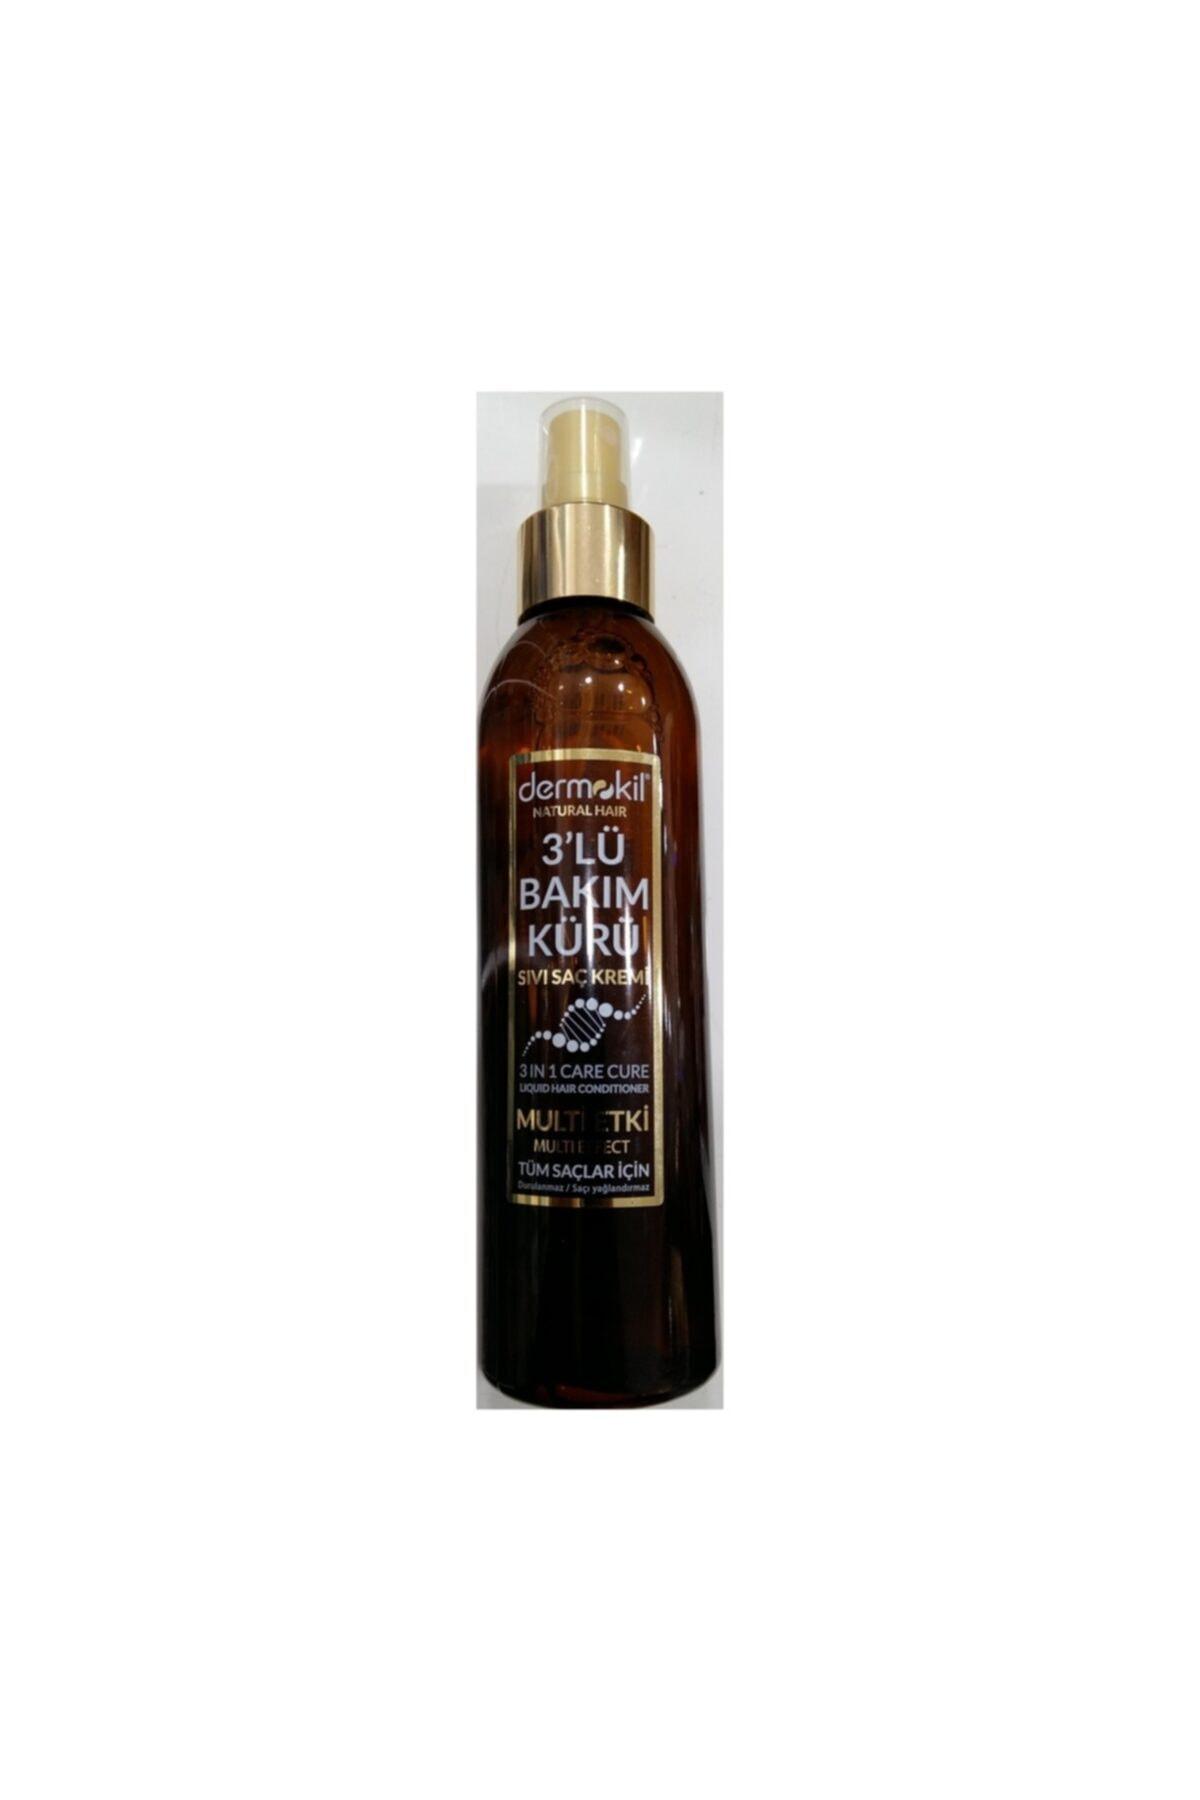 Dermokil Sıvı Saç Kremi Natural Haır 3 Lü Bakım Kürü 200 Ml 1